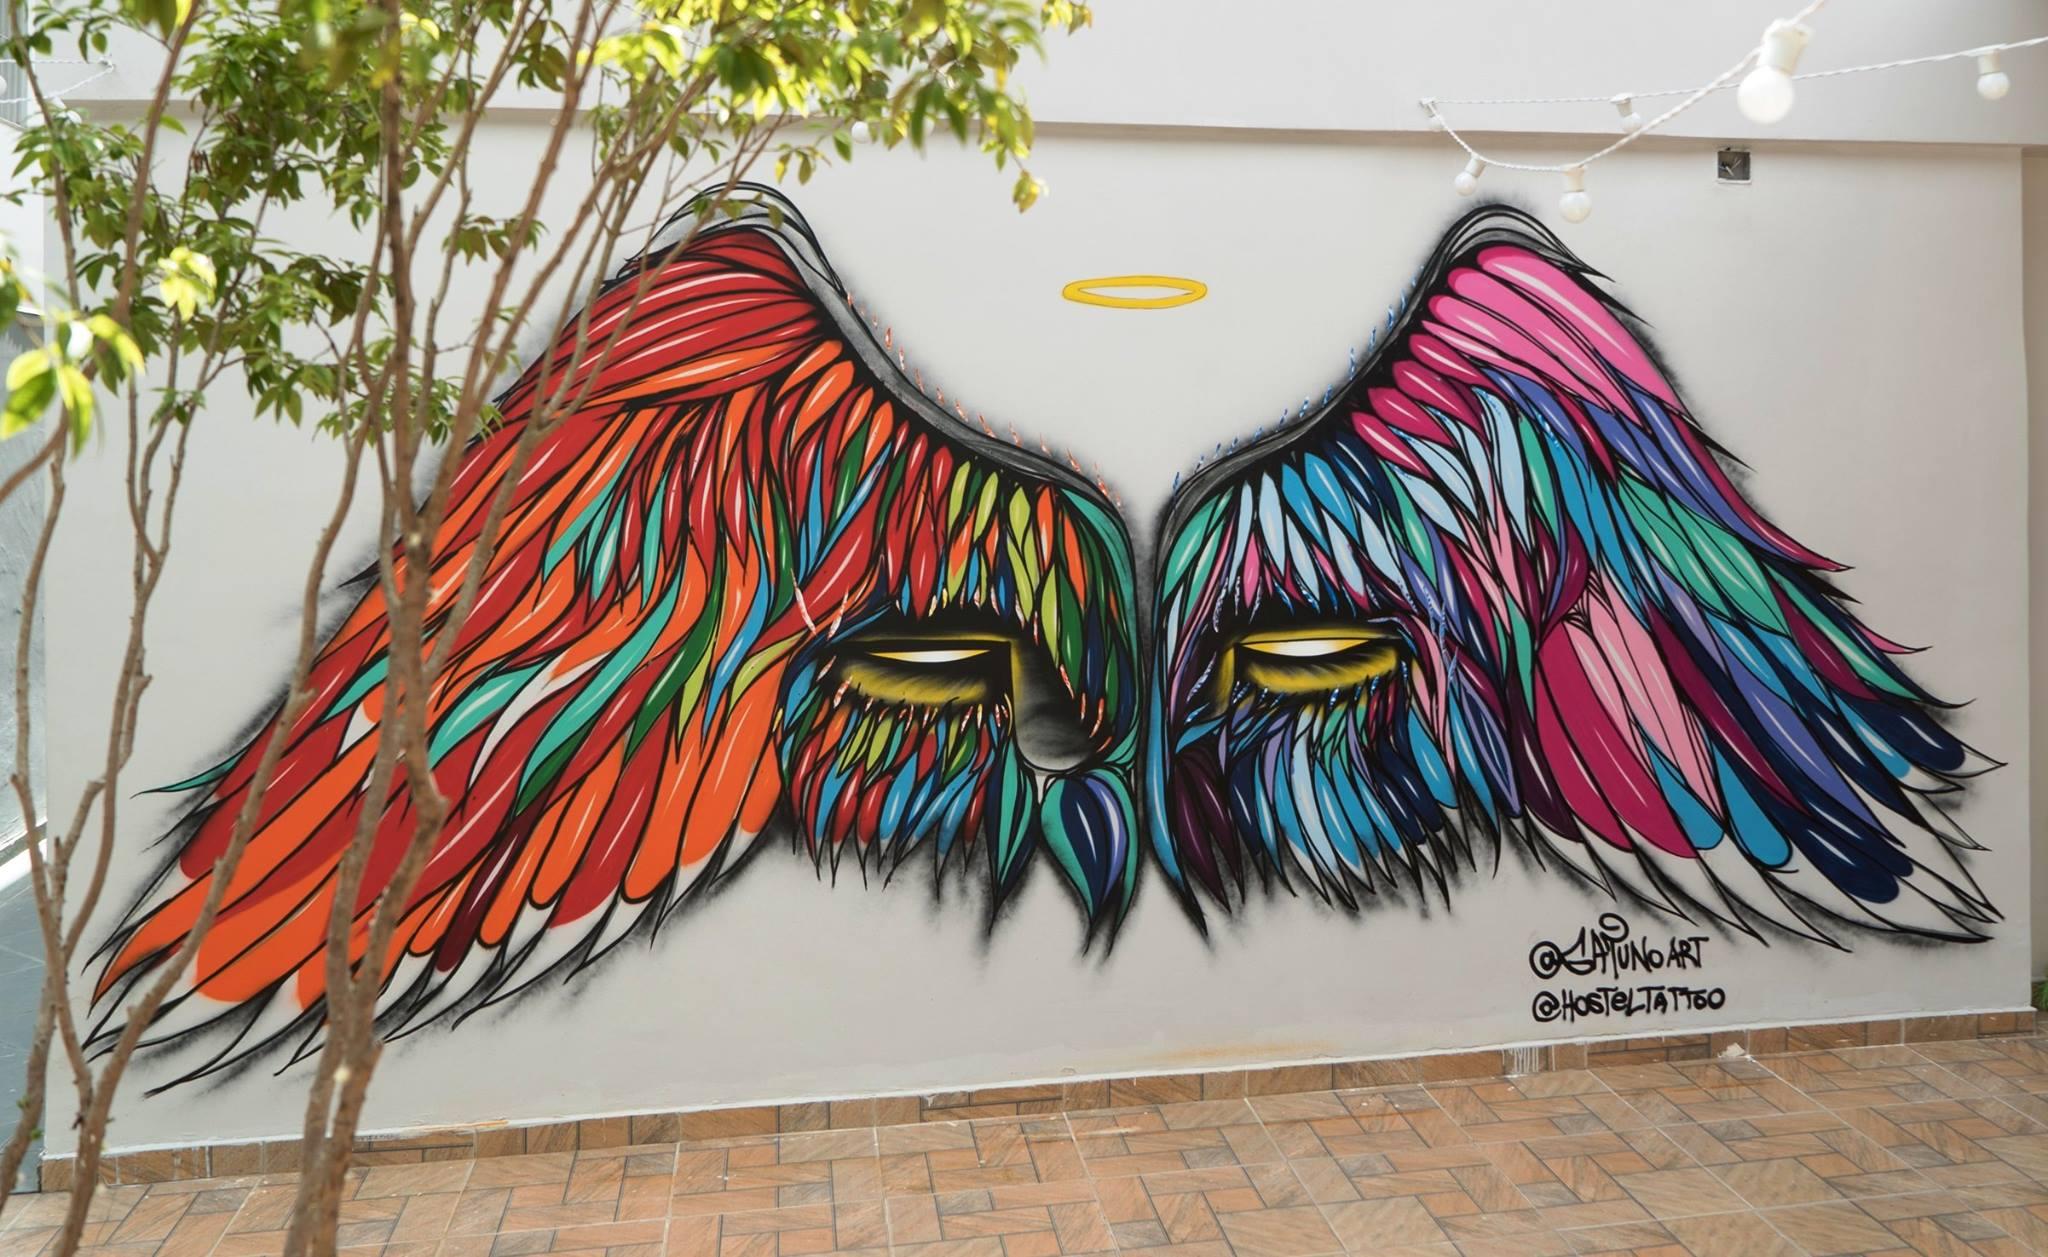 gatuno graffiti pintura escultura tattoo (4)